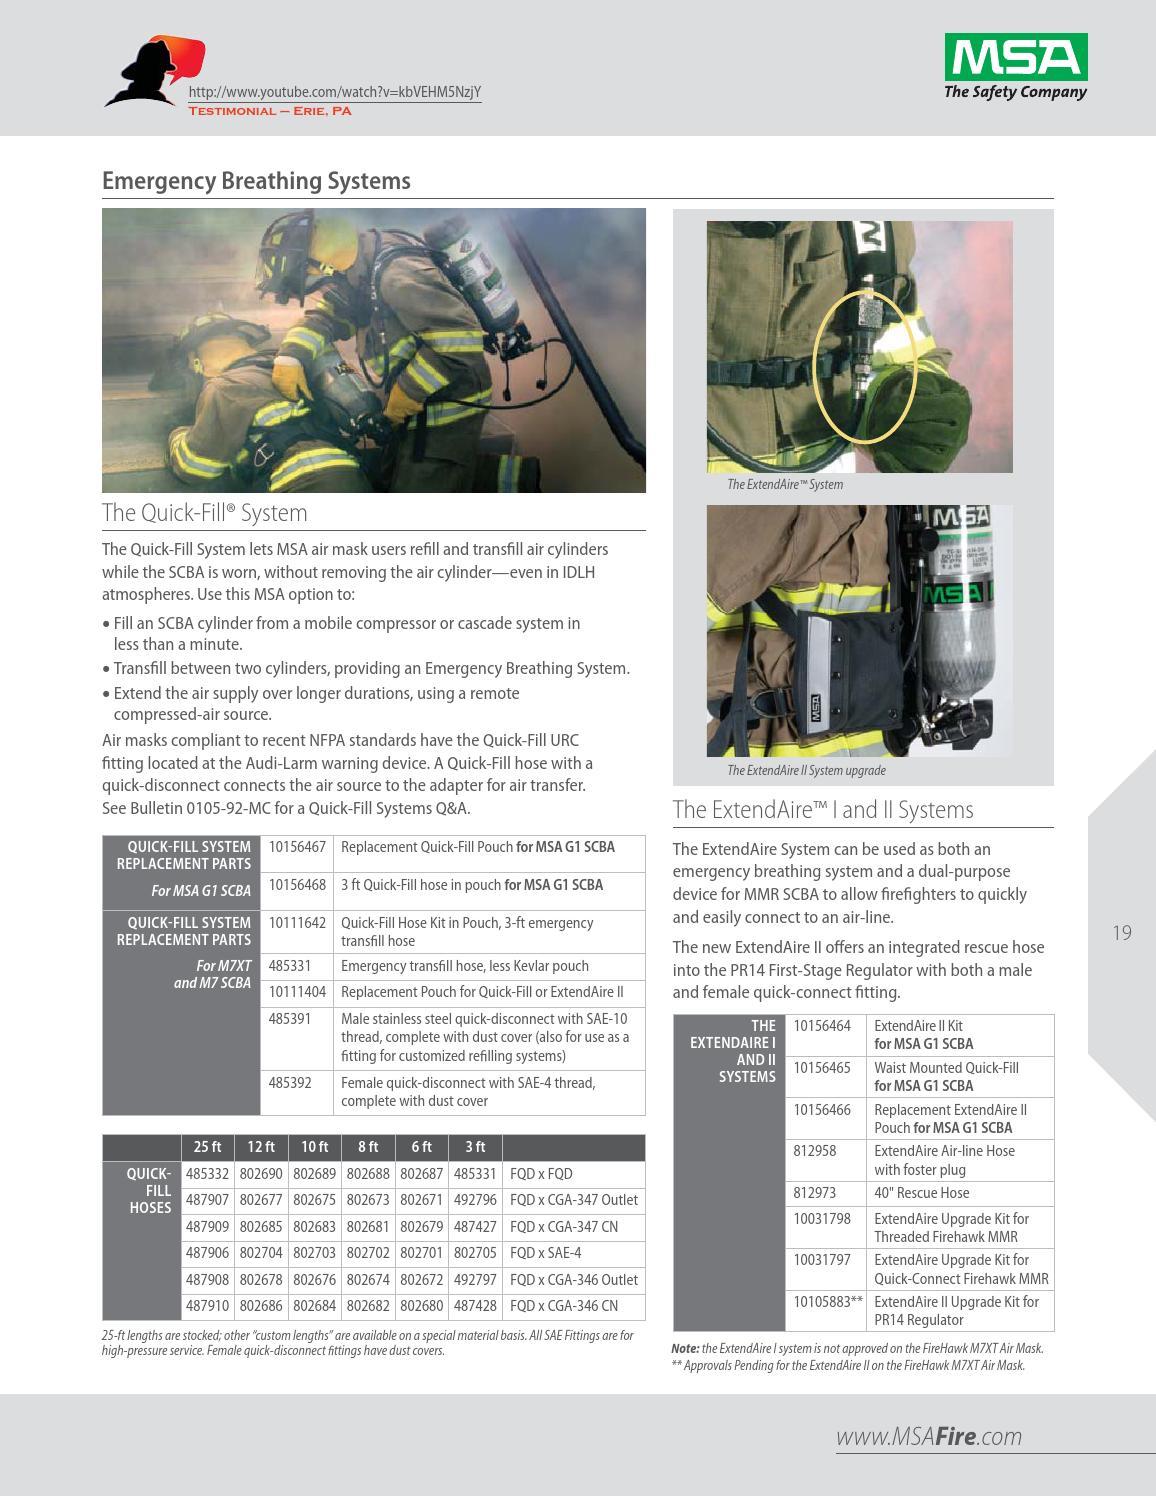 Catalogo MSA Equipo Contra Incendio 2014-2015 by Industrial